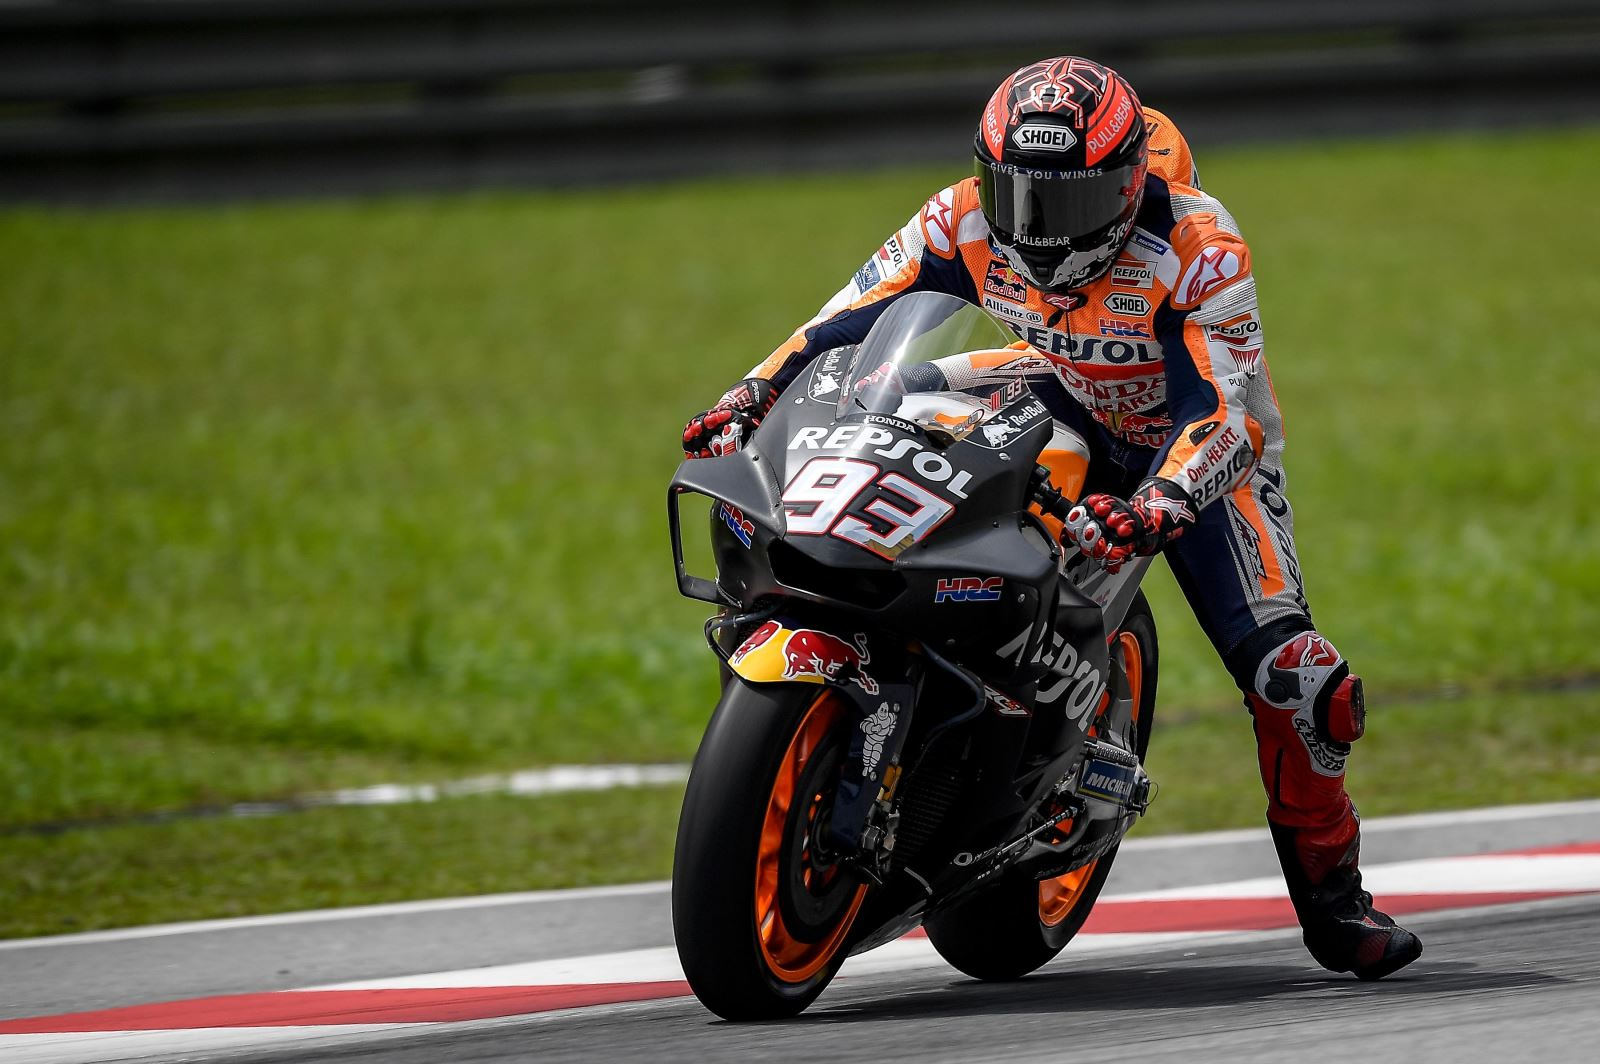 MotoGP 2018 Sezonunda Ne Olacak? 4. İçerik Fotoğrafı